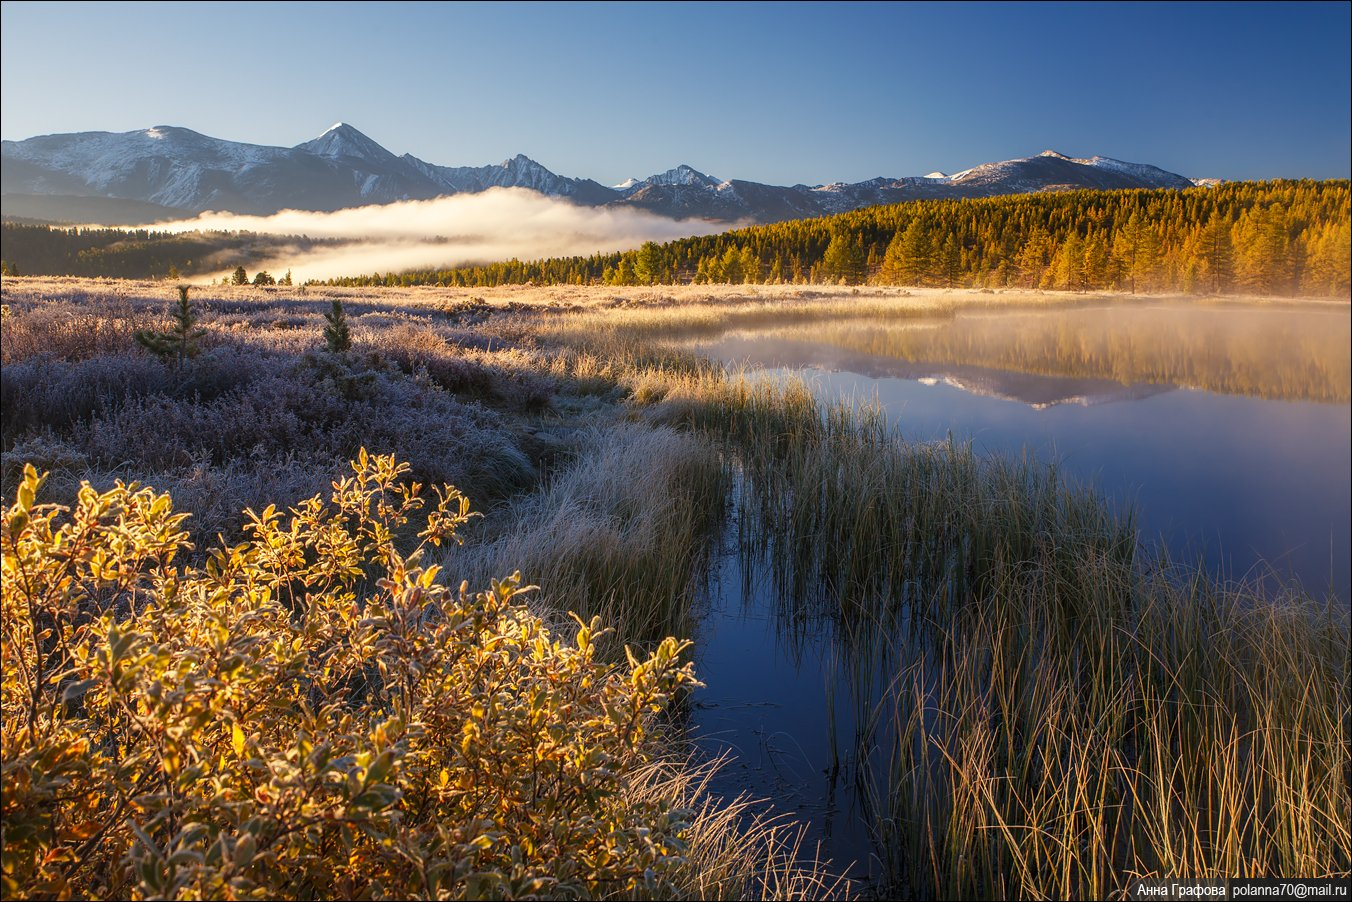 алтай, аня графова, горный алтай, горы, киделю, осень, улаганский перевал, Аня Графова